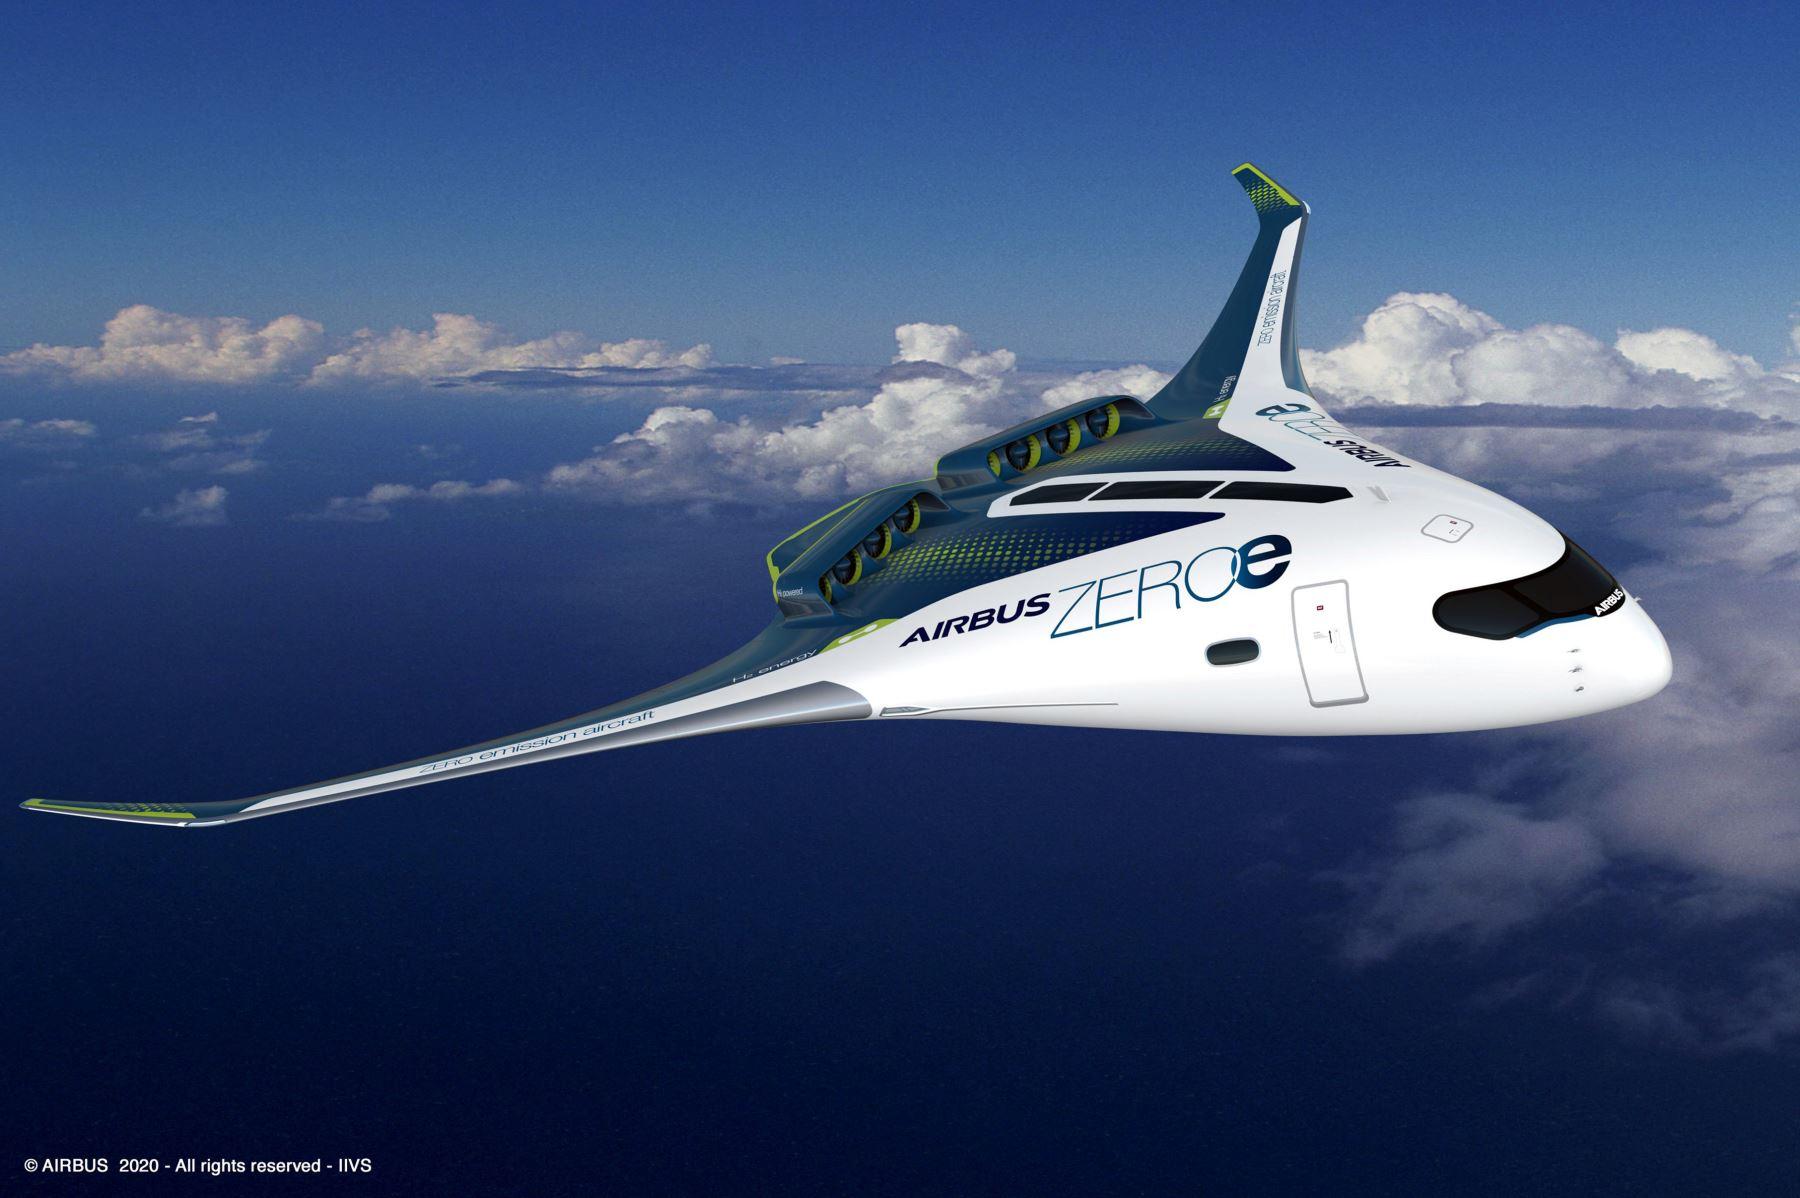 Esta imagen generada por computadora y publicada el 21 de septiembre de 2020 por la compañía aeronáutica multinacional europea Airbus muestra un prototipo de avión propulsado por hidrógeno de cero emisiones de CO2. Foto: AFP